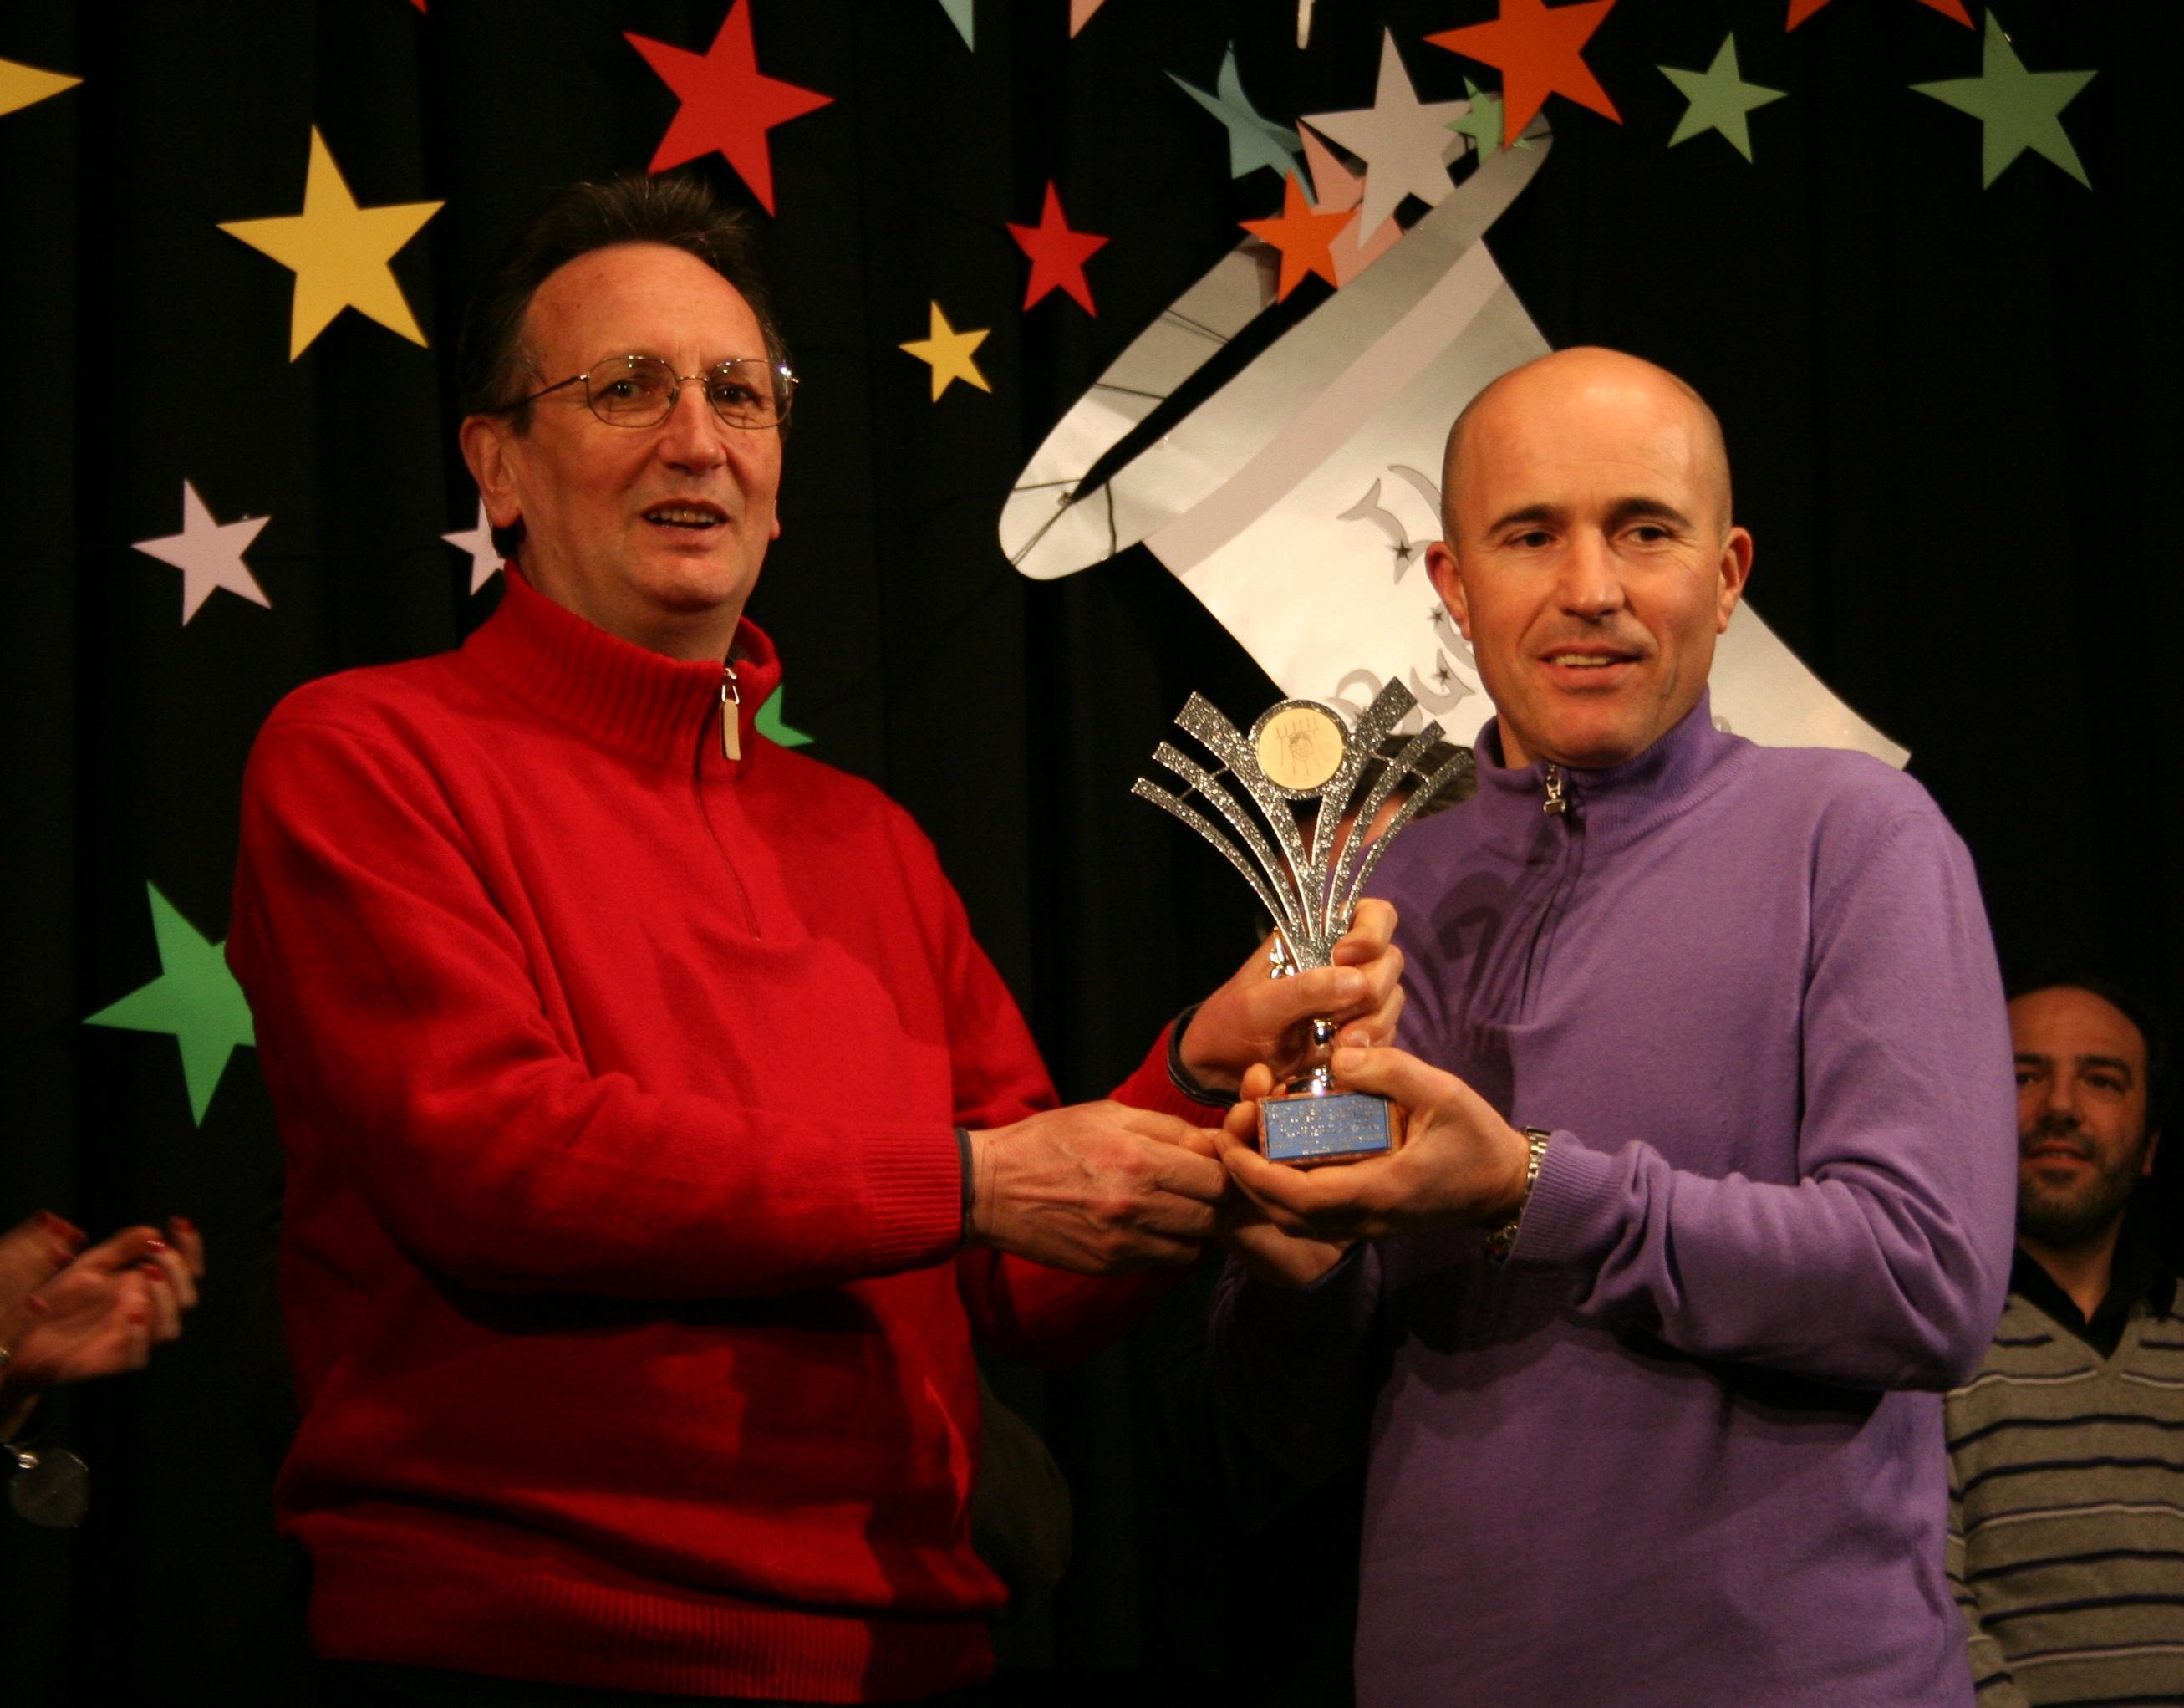 Vezzano2010 Nomination Compagnia